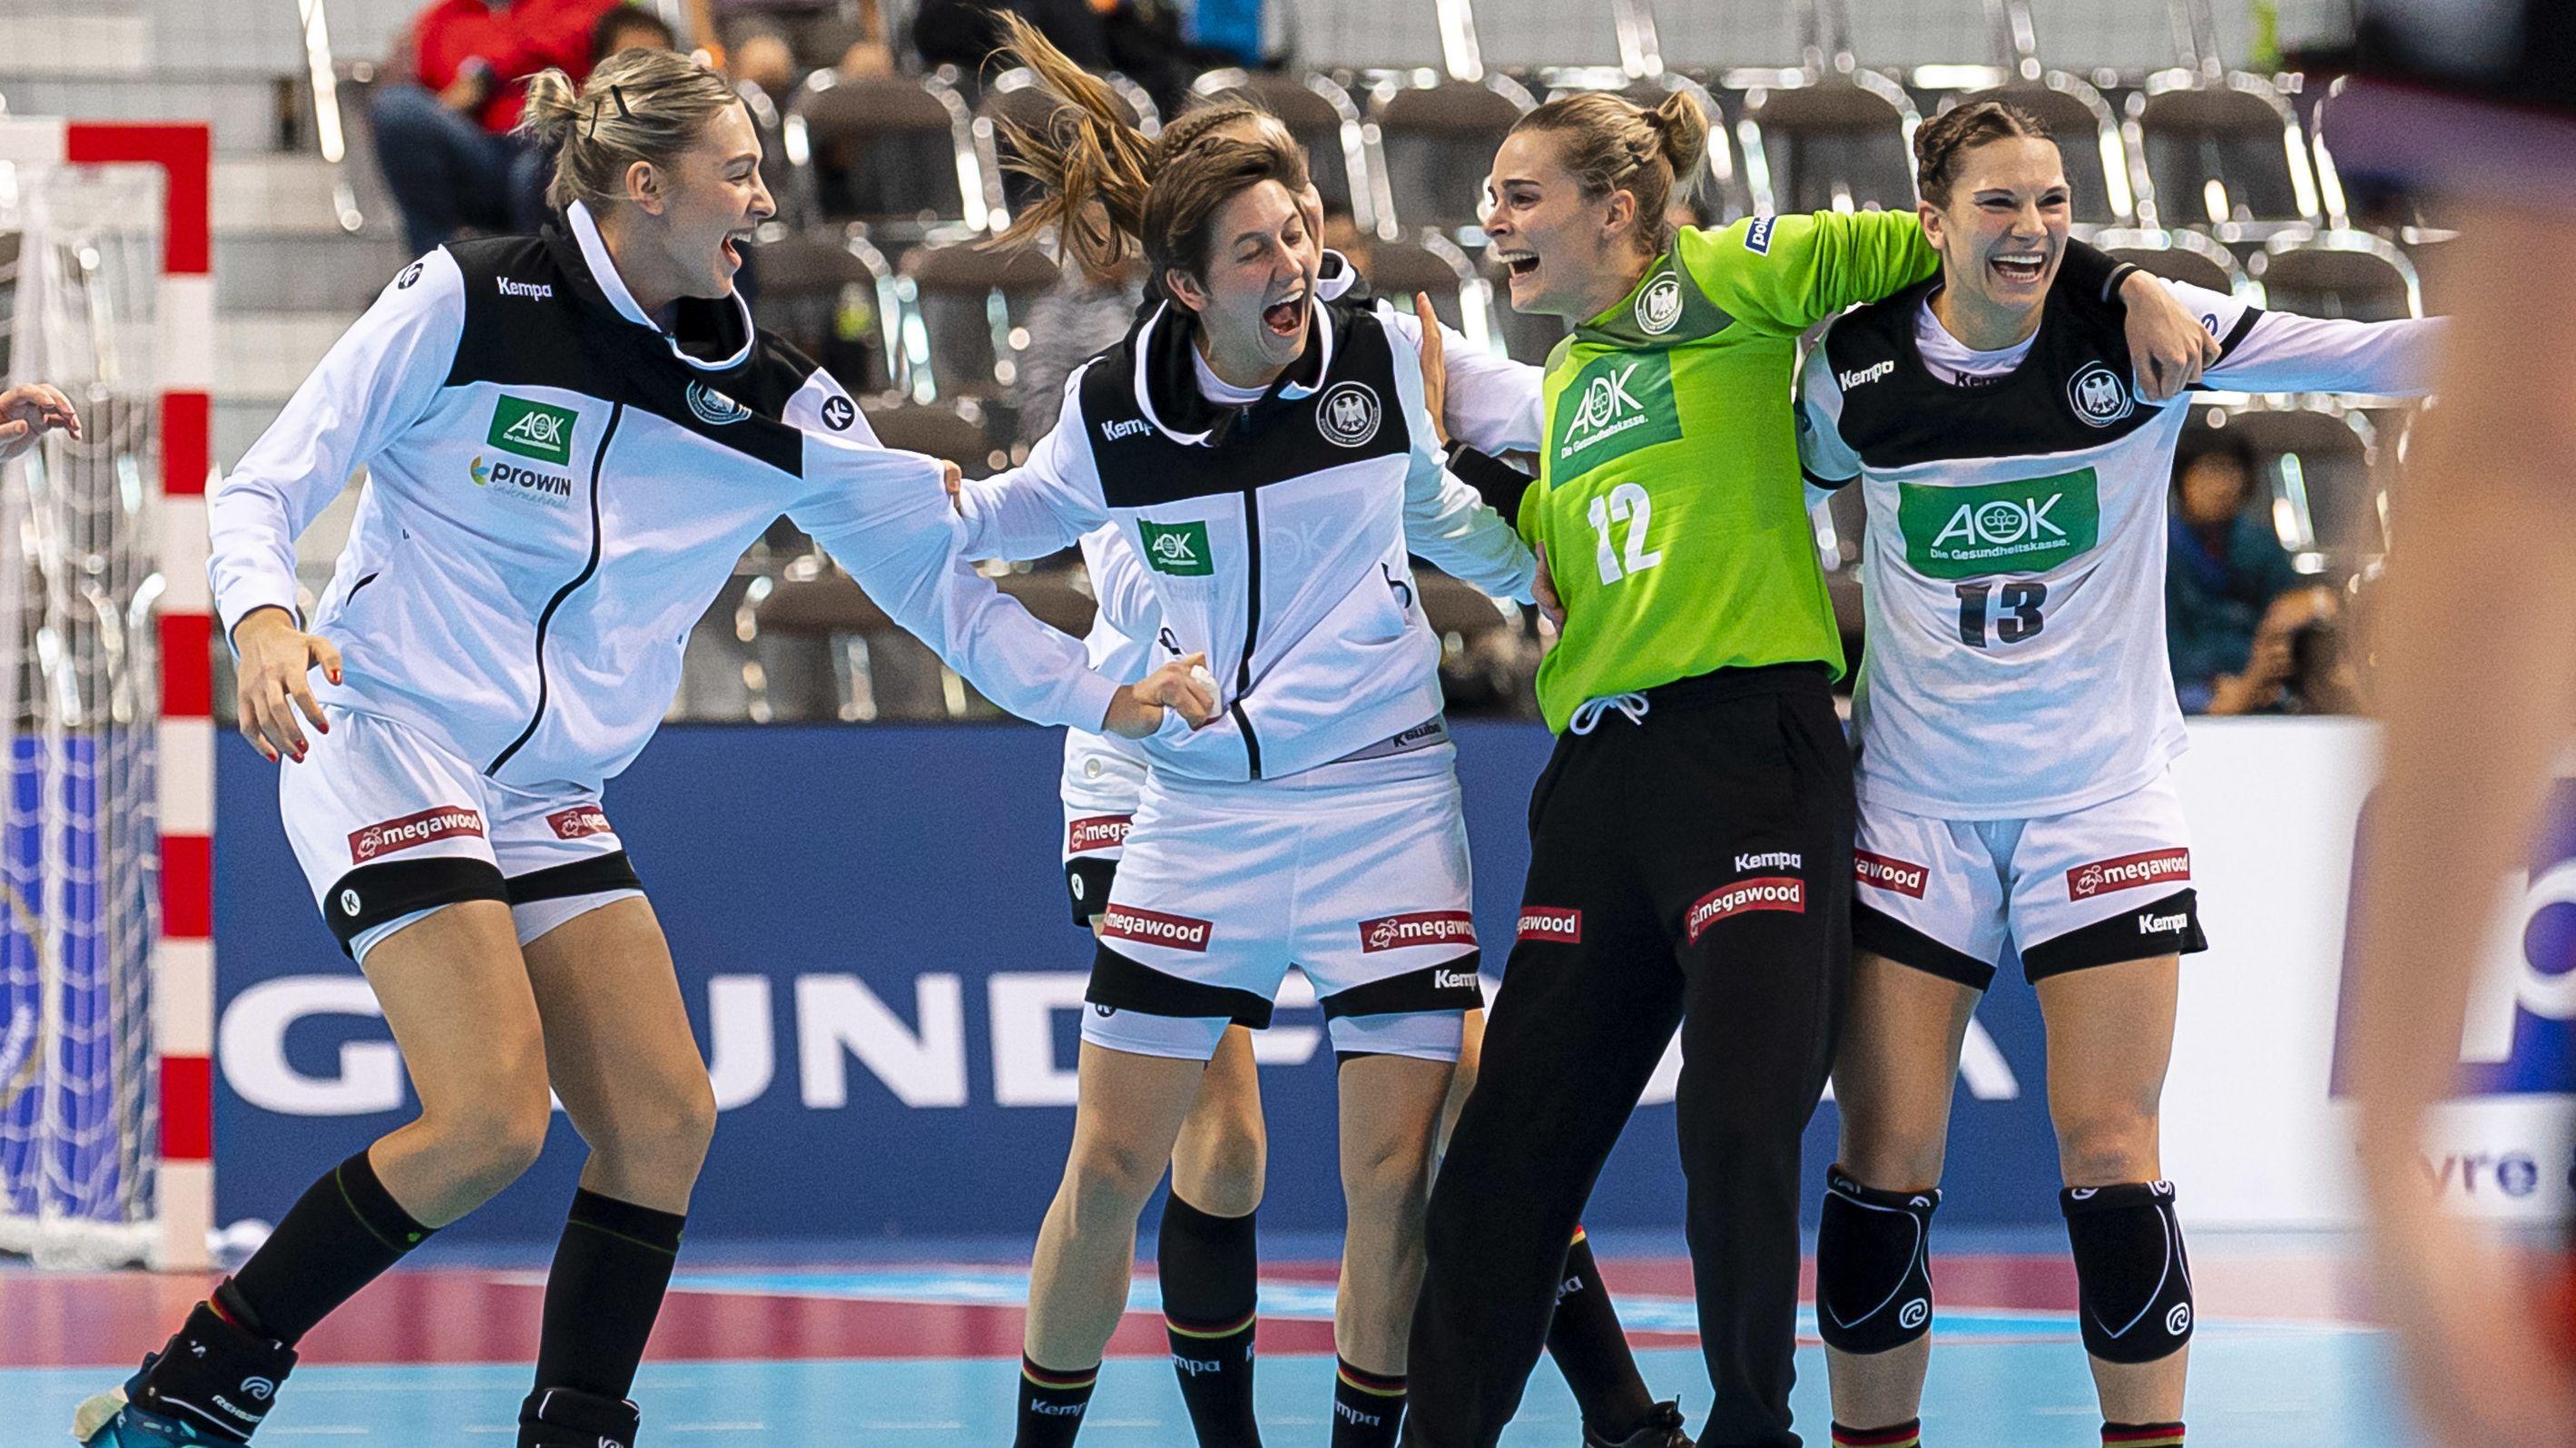 WM: Handballerinnen schlagen Niederlande zum Hauptrundenstart